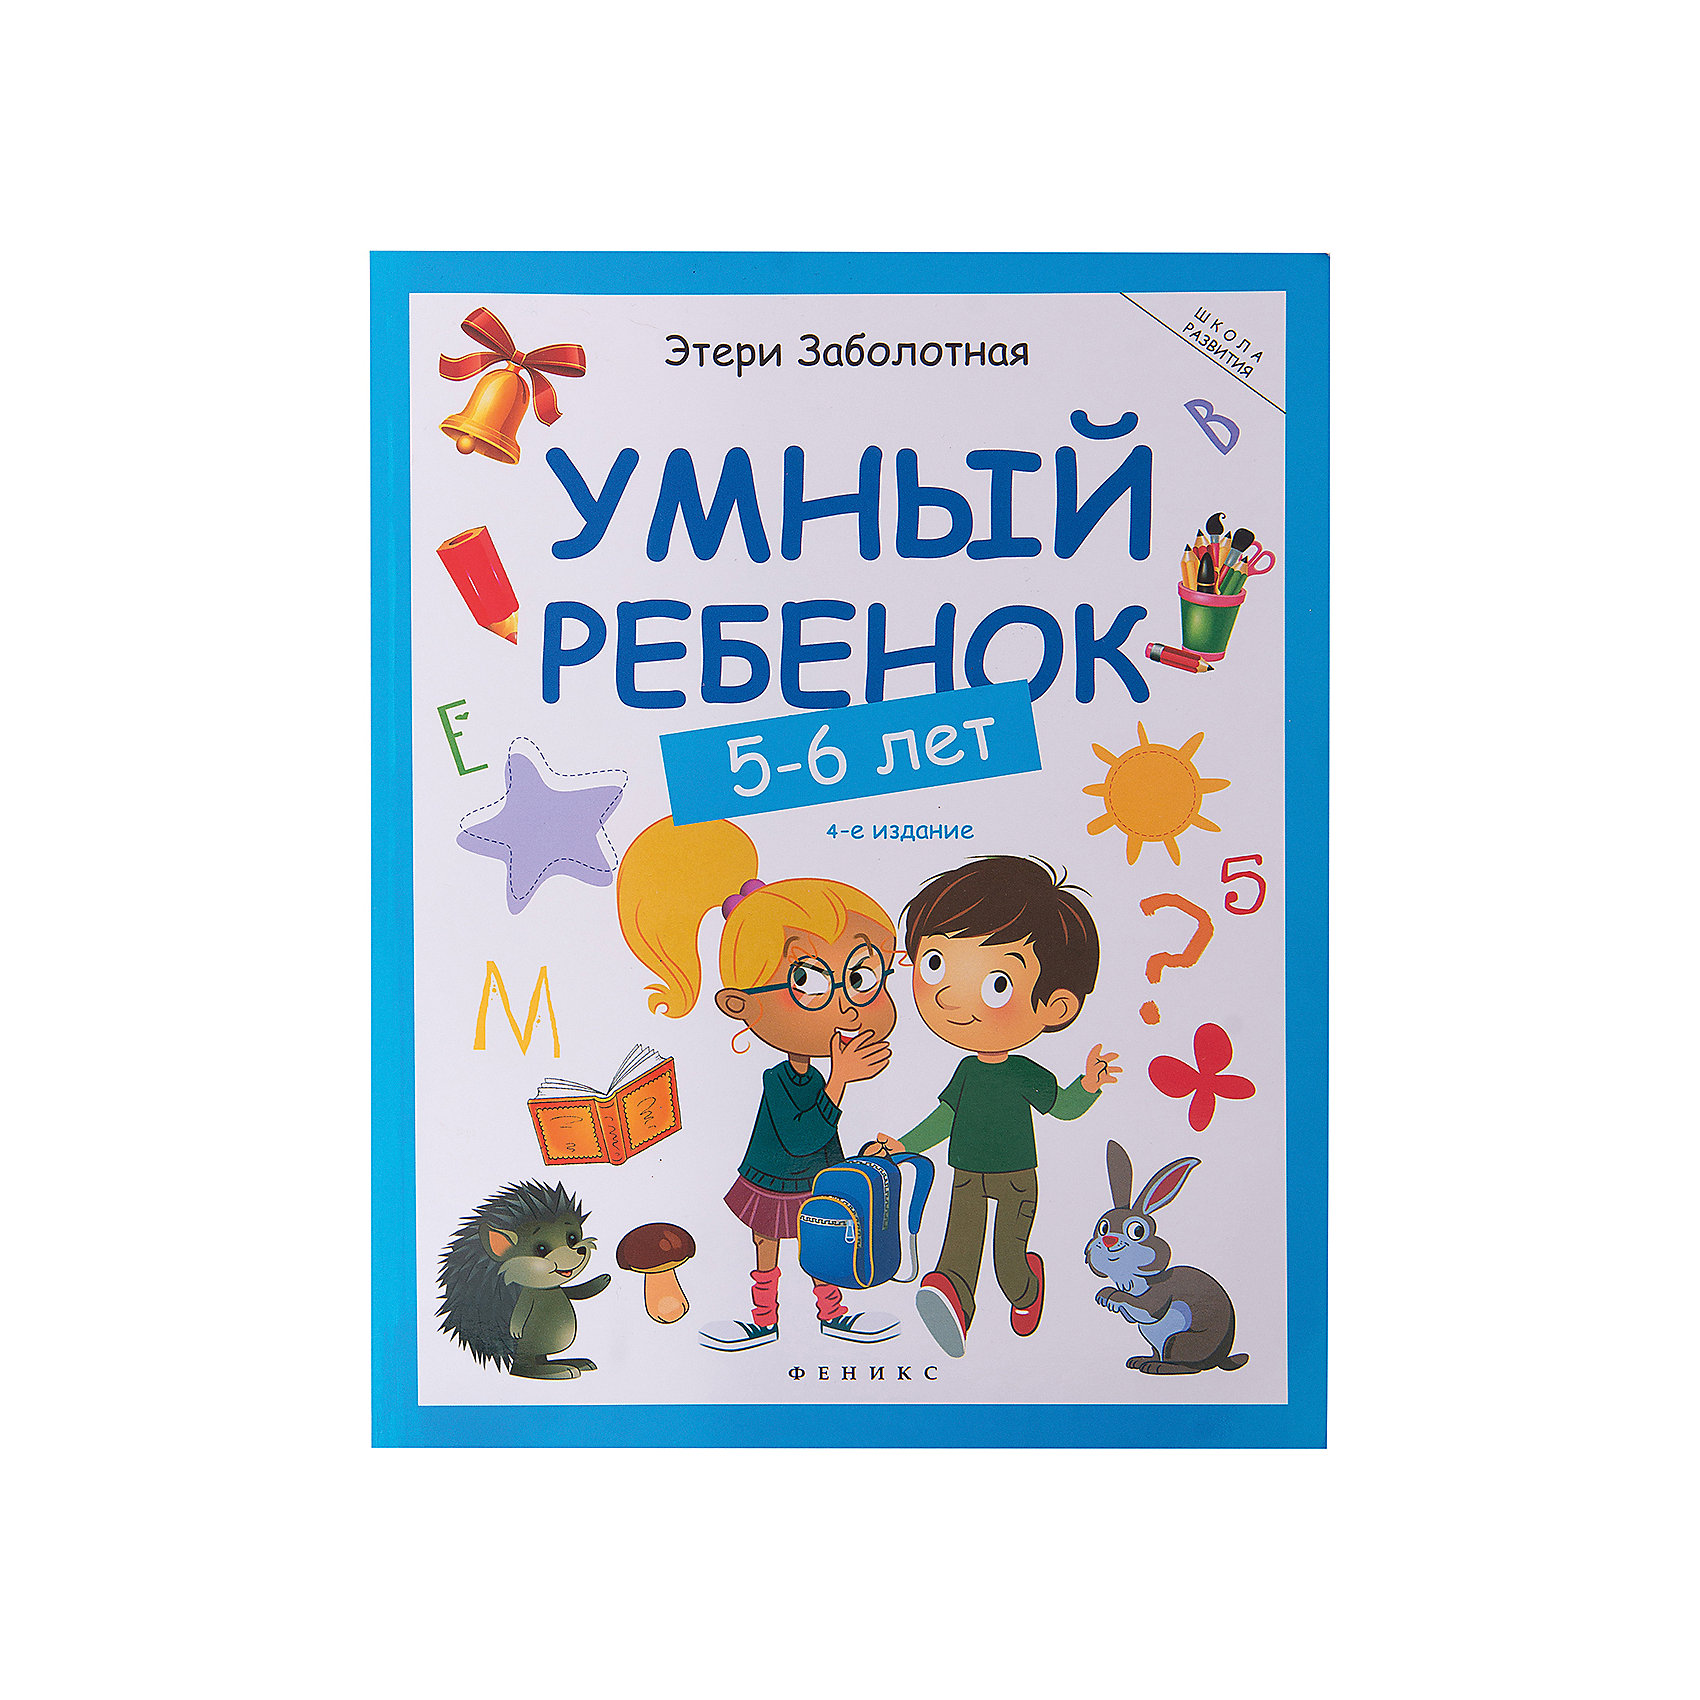 Умный ребенок: 5-6 летТесты и задания<br>Умный ребенок: 5-6 лет – это красочная книга, представляющий собой цикл занятий с игровыми иллюстрированными заданиями для детей.<br>В книге содержится множество заданий для детей от 5 до 6 лет. Задания охватывают самые разные области: на развитие внимания, мелкой моторики (обведи, дорисуй), логические задачи, загадки, на развитие речи (пересказы, ответы на вопросы). Все задания и упражнения даны в игровой форме. Серия книг Умный ребенок представляет собой комплексную программу умственного развития ребенка от 2 до 6 лет и содержит 4 пособия. Обучаясь по данной программе, ребенок получит раннее, всестороннее развитие интеллекта и приобретет необходимые знания, умения и навыки для успешного обучения в школе.<br><br>Дополнительная информация:<br><br>- Автор: Заболотная Этери Николаевна<br>- Художник: Сытько Светлана<br>- Редактор: Бахметова Юлия<br>- Издательство: Феникс-Премьер<br>- Серия: Школа развития<br>- Тип обложки: мягкий переплет (крепление скрепкой или клеем)<br>- Иллюстрации: цветные<br>- Количество страниц: 128 (офсет)<br>- Размер: 262x200x10 мм.<br>- Вес: 432 гр.<br><br>Книга «Умный ребенок: 5-6 лет» - это издание, предназначенное для педагогов дошкольных учреждений, воспитателей, гувернёров, а также для индивидуальных занятий родителей с детьми.<br><br>Книгу «Умный ребенок: 5-6 лет» можно купить в нашем интернет-магазине.<br><br>Ширина мм: 204<br>Глубина мм: 8<br>Высота мм: 259<br>Вес г: 373<br>Возраст от месяцев: 60<br>Возраст до месяцев: 72<br>Пол: Унисекс<br>Возраст: Детский<br>SKU: 4994800